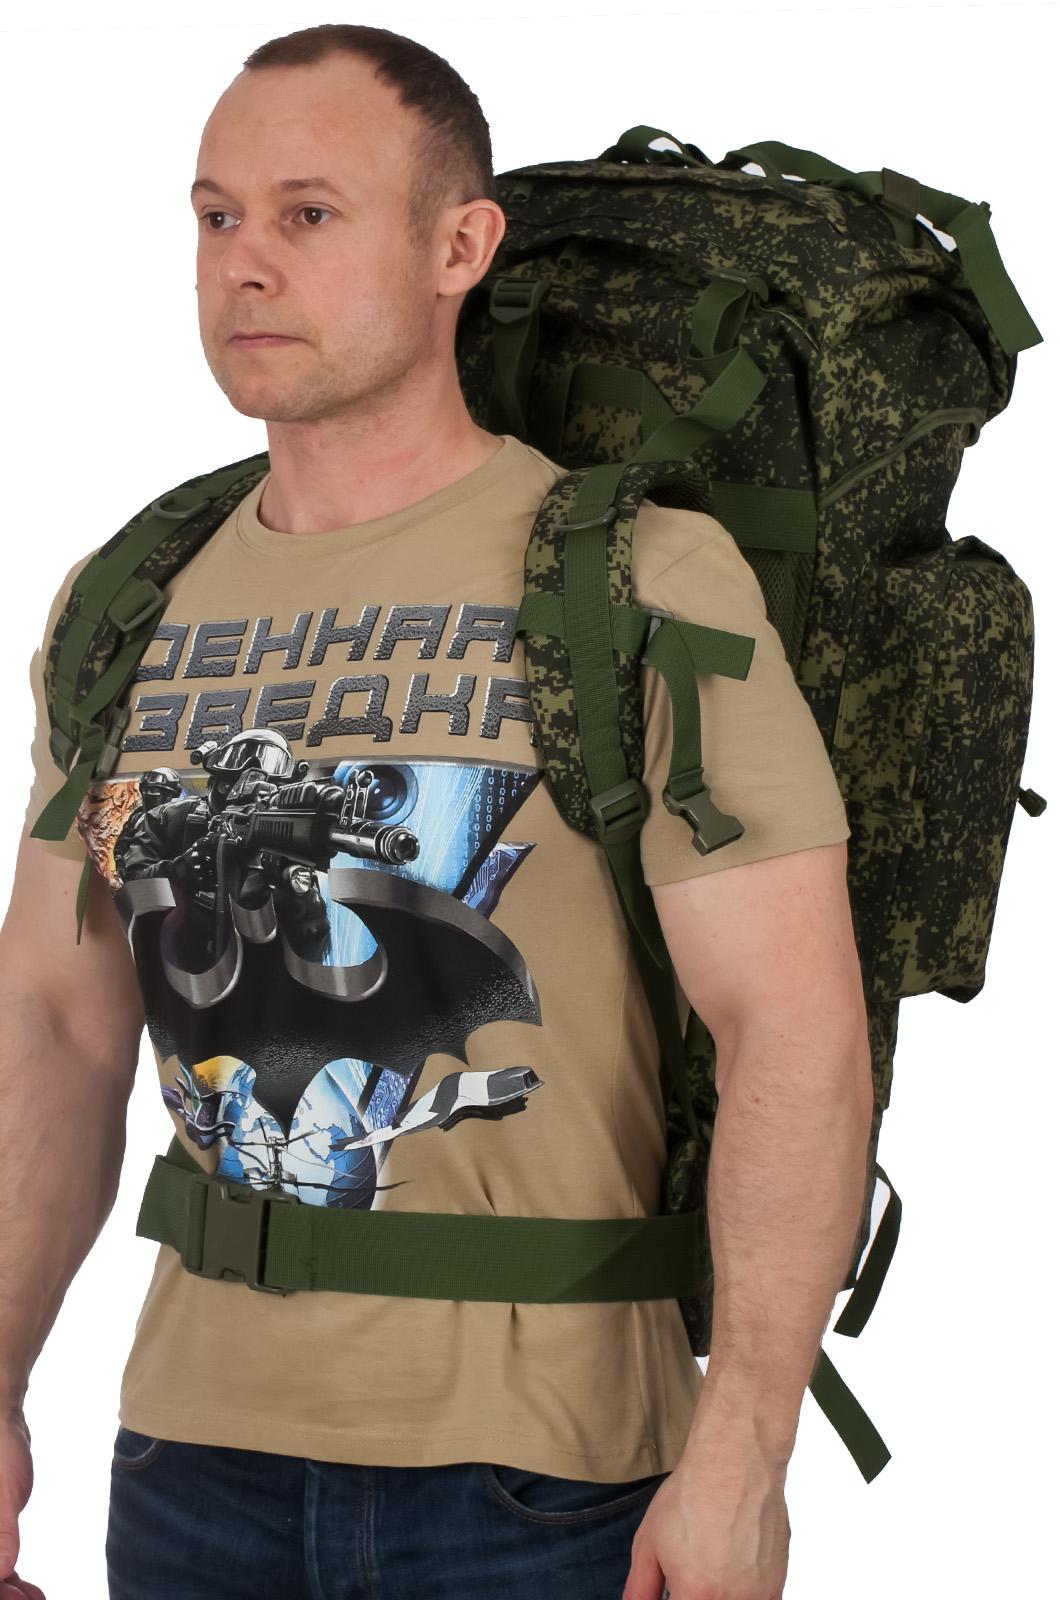 Зачетный многодневный рюкзак с нашивкой Потомственный Казак - заказать в подарок